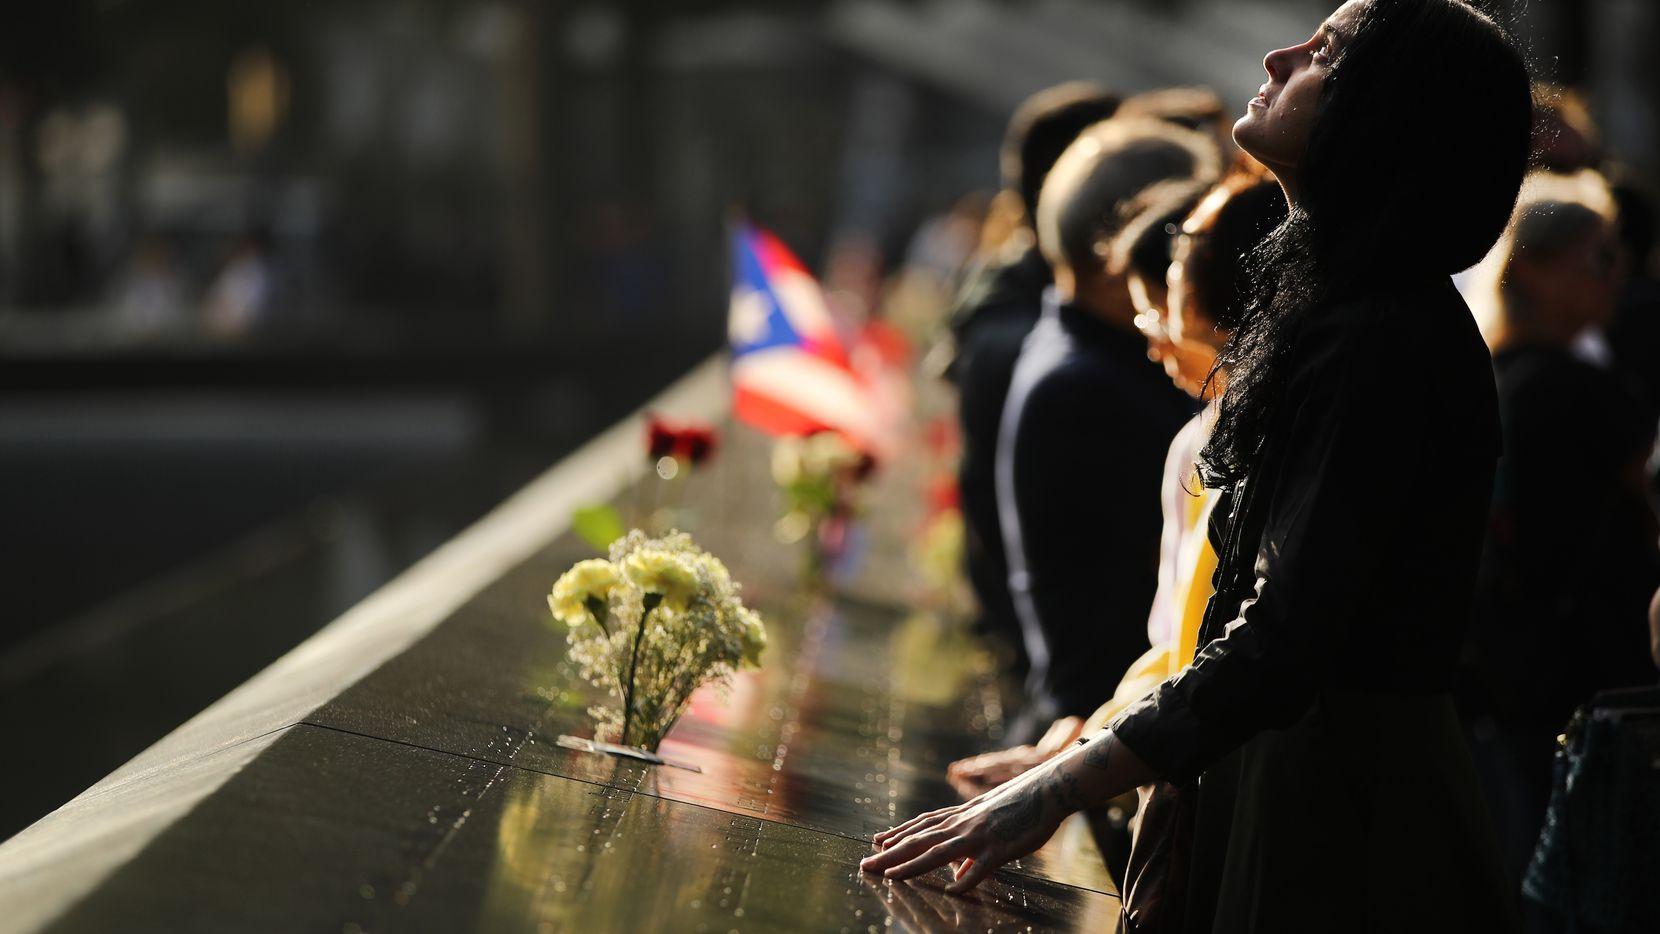 Alexandra Hamatie, cuyo primo Robert Horohoe fue asesinado el 11 de septiembre, hace una pausa en el Memorial el 11 de septiembre durante una ceremonia de conmemoración matutina para las víctimas de los ataques terroristas Dieciocho años después del día 11 de septiembre de 2019 en la ciudad de Nueva York. En todo el país se realizan servicios para recordar a las 2,977 personas que fueron asesinadas en Nueva York, el Pentágono y en un campo en la zona rural de Pensilvania.